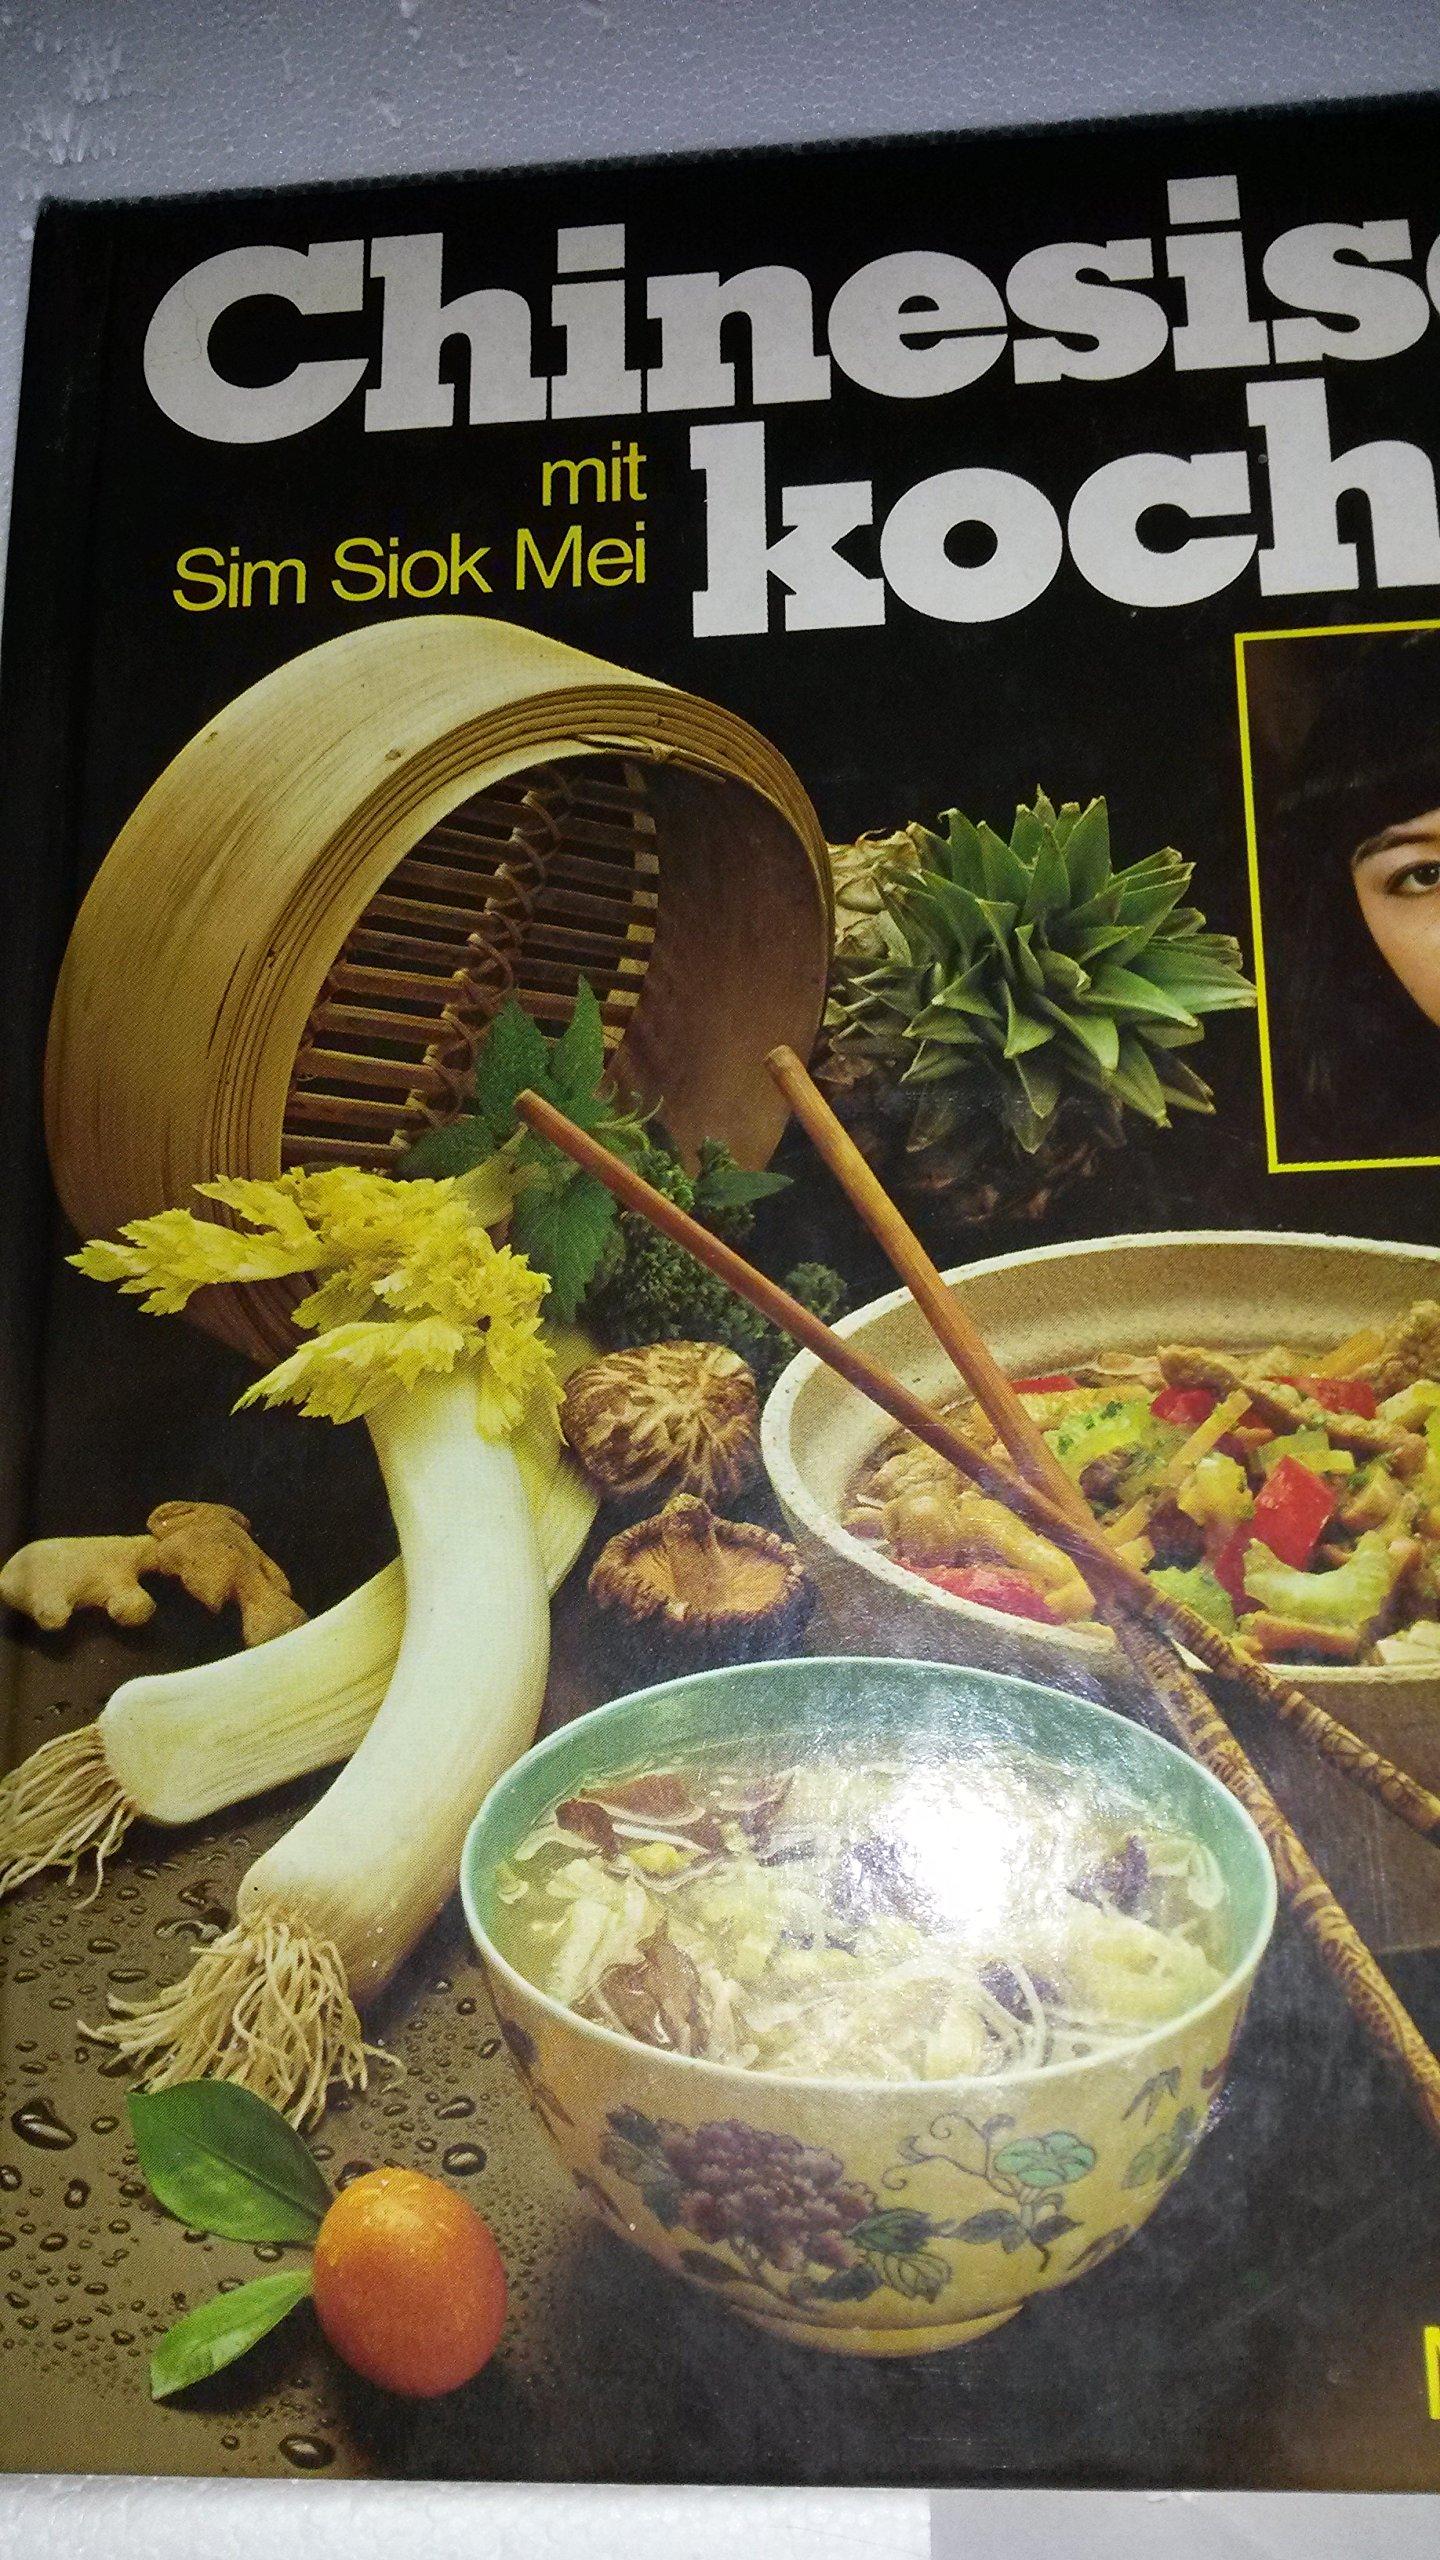 chinesisch-kochen-mit-sim-siok-mei